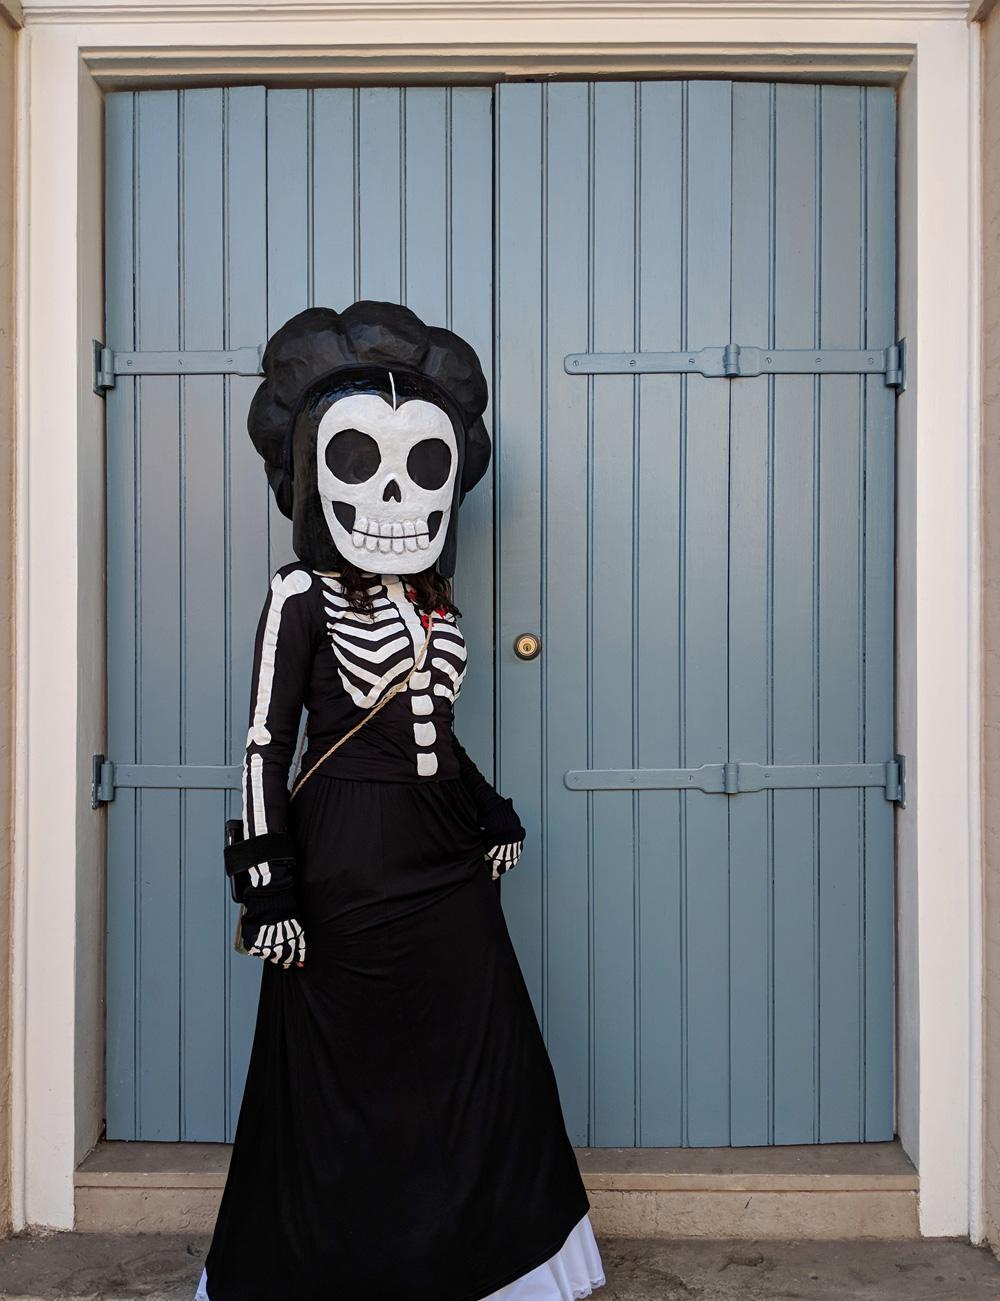 Baroness de Pontalba skeleton costume, Mardi Gras 2018